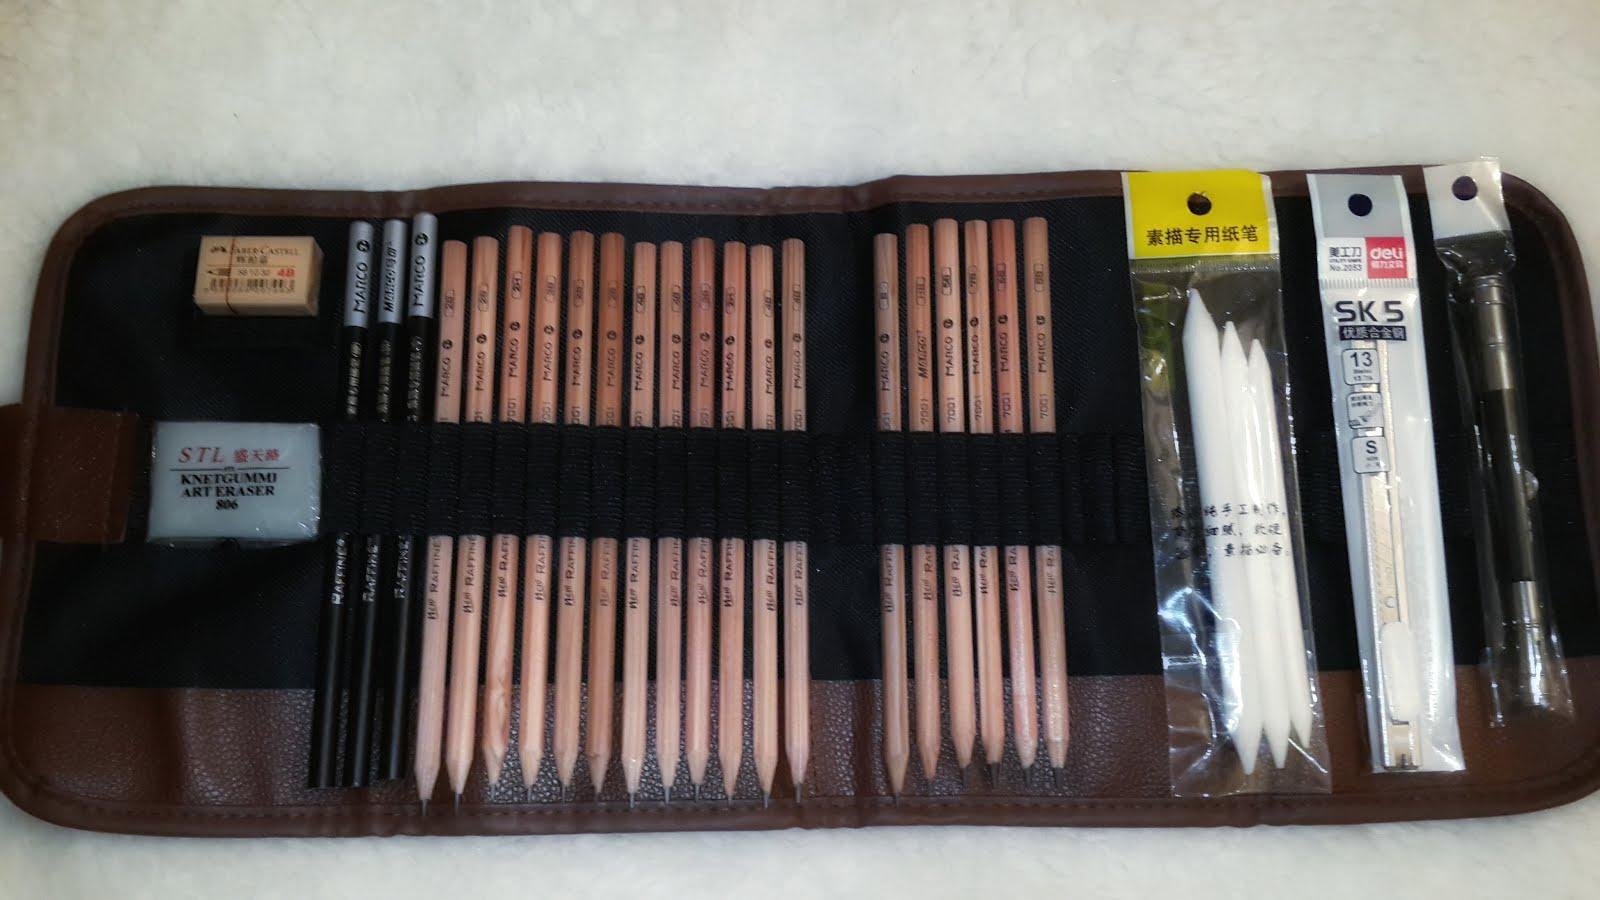 Aliexpresste satılan fırçalar alınır mı